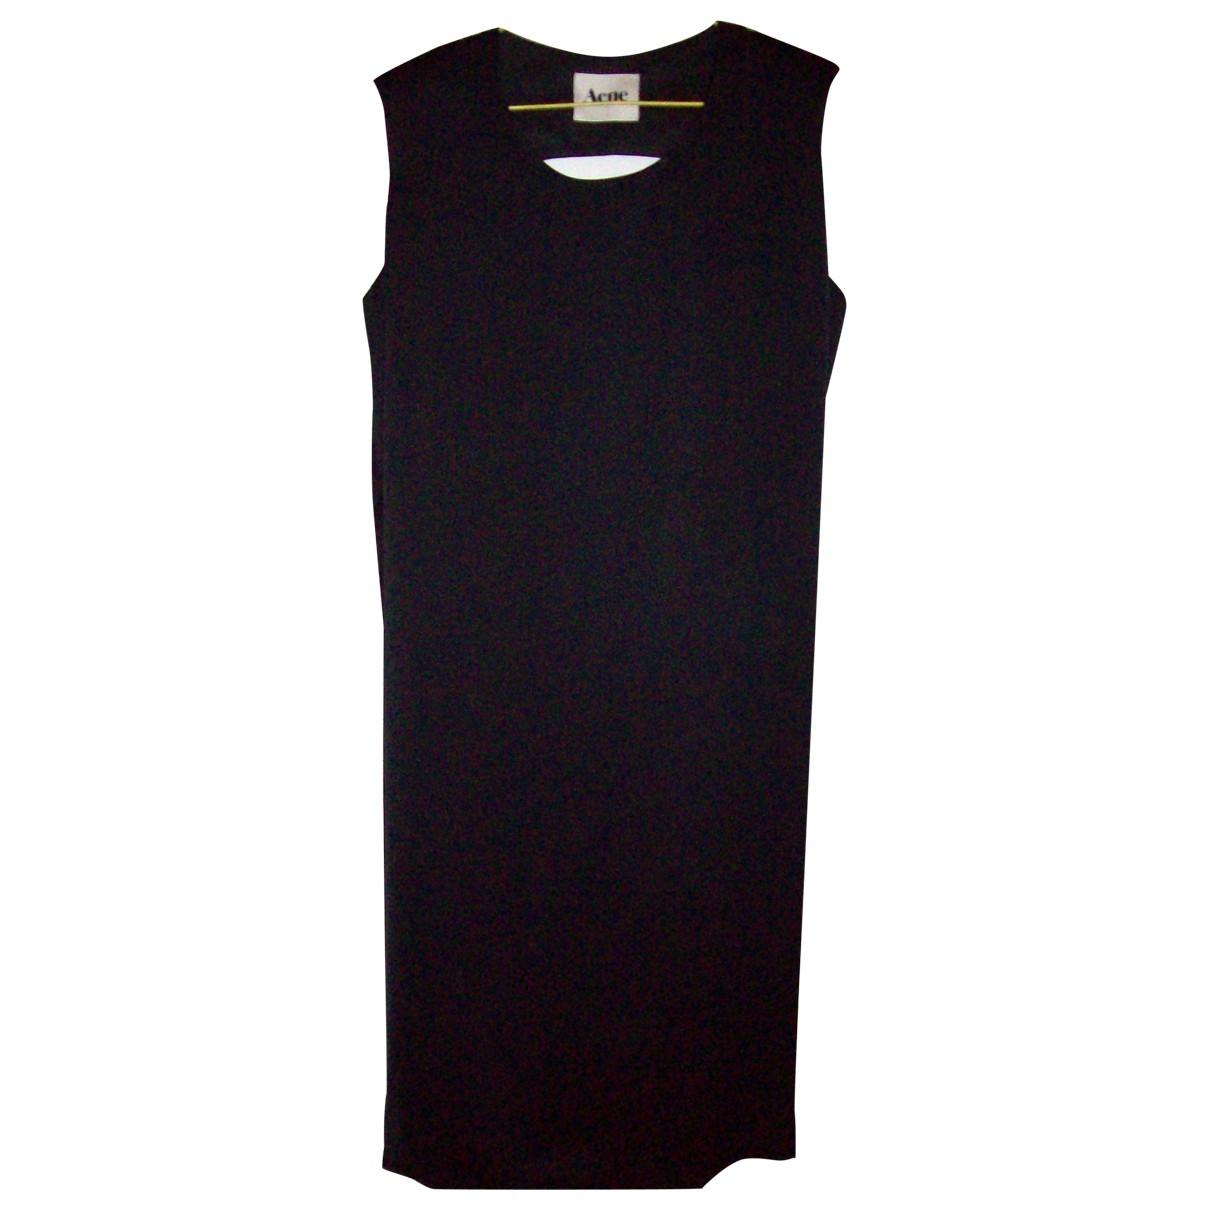 Acne Studios \N Black dress for Women 36 FR